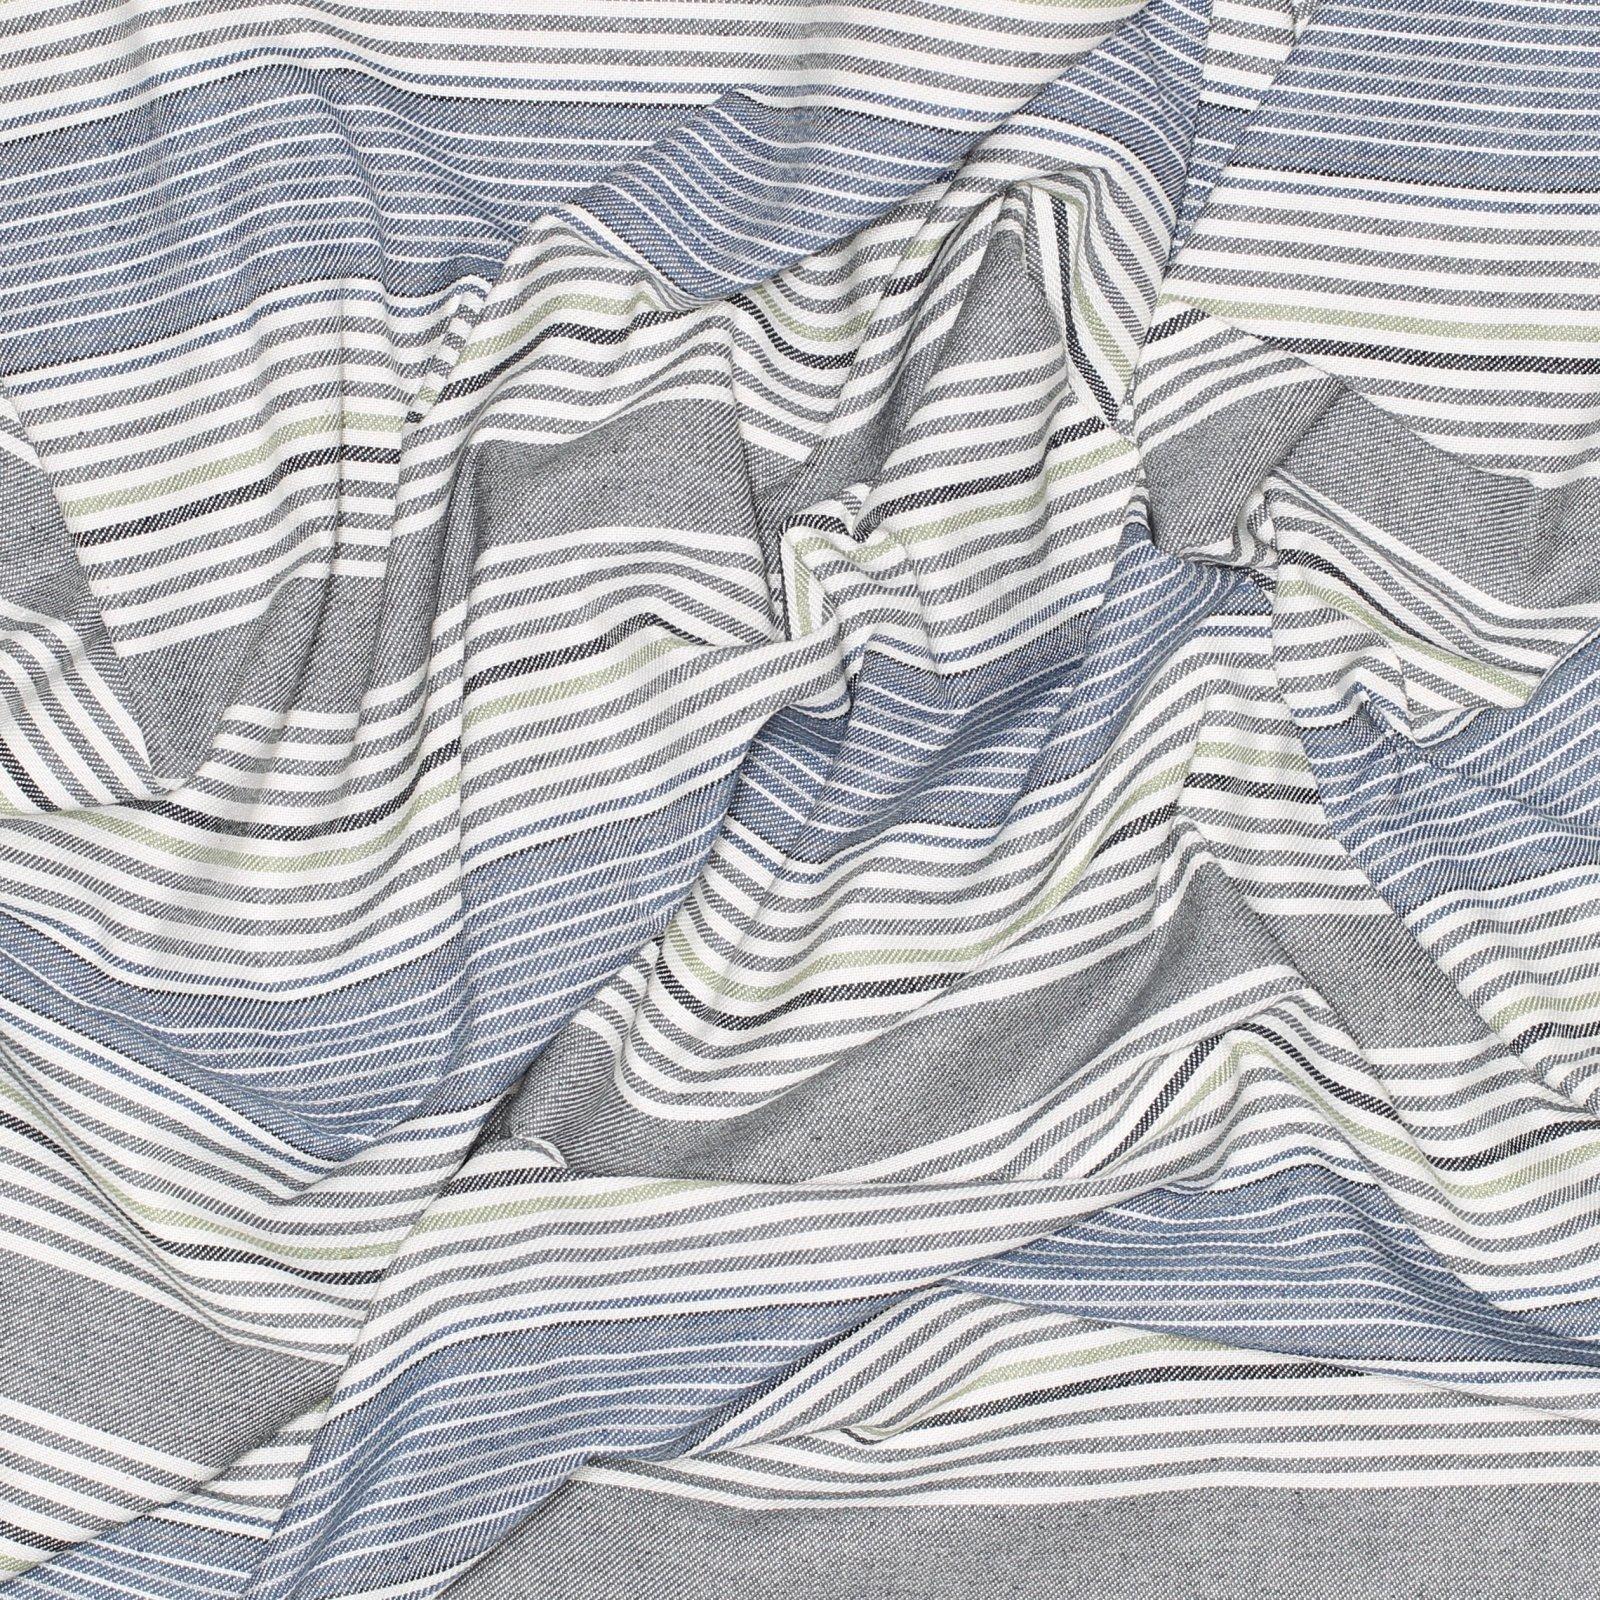 Striped Italian Denim Cool Tones